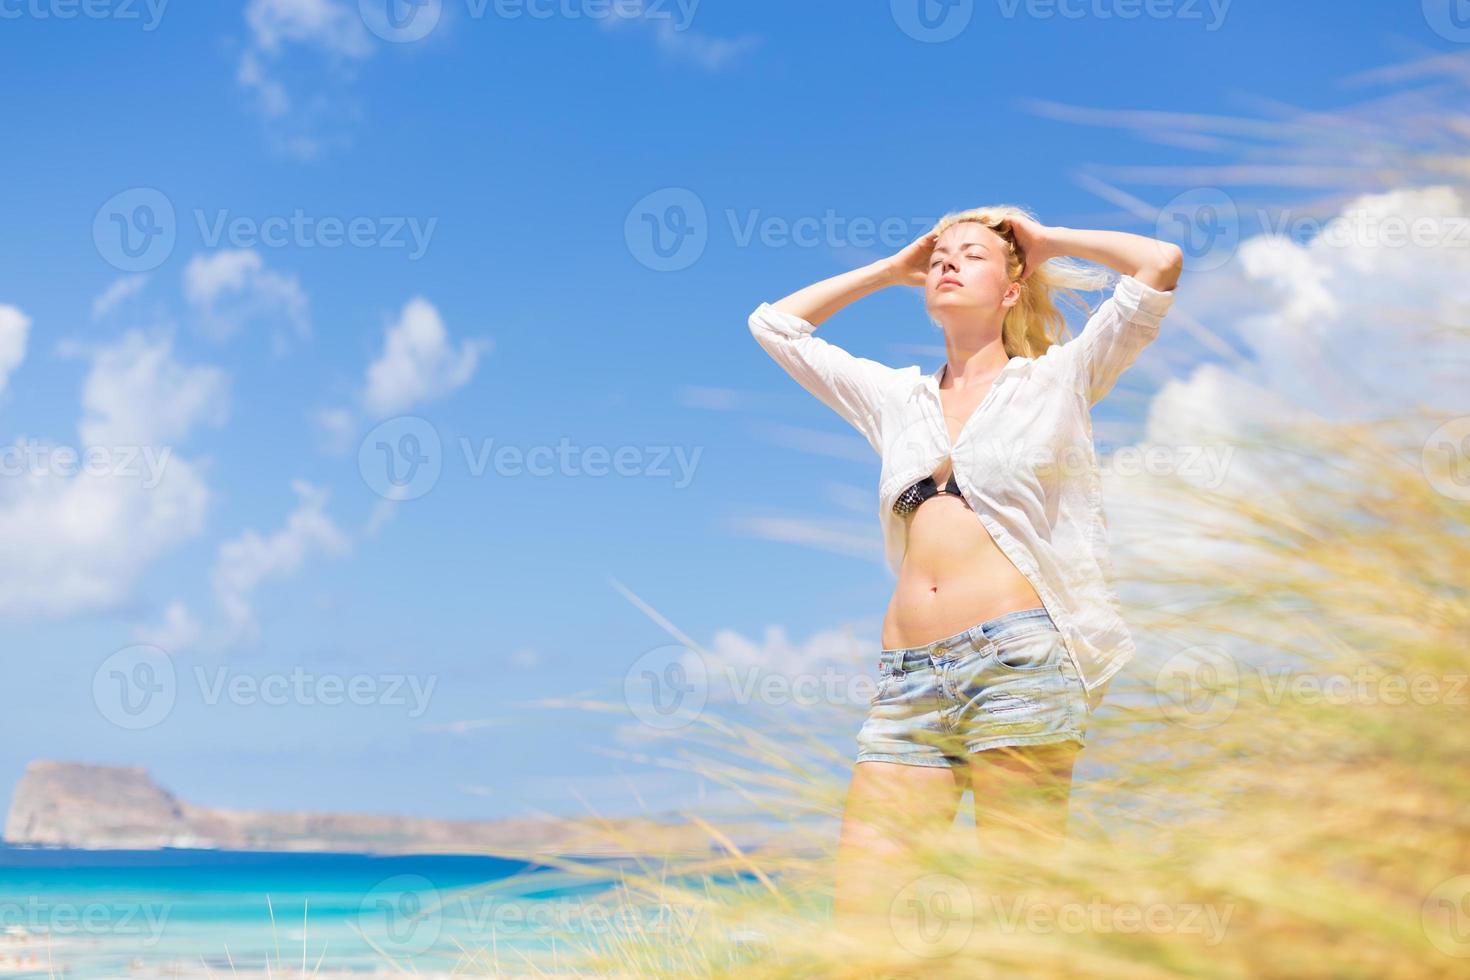 donna felice libera godendo il sole in vacanza. foto